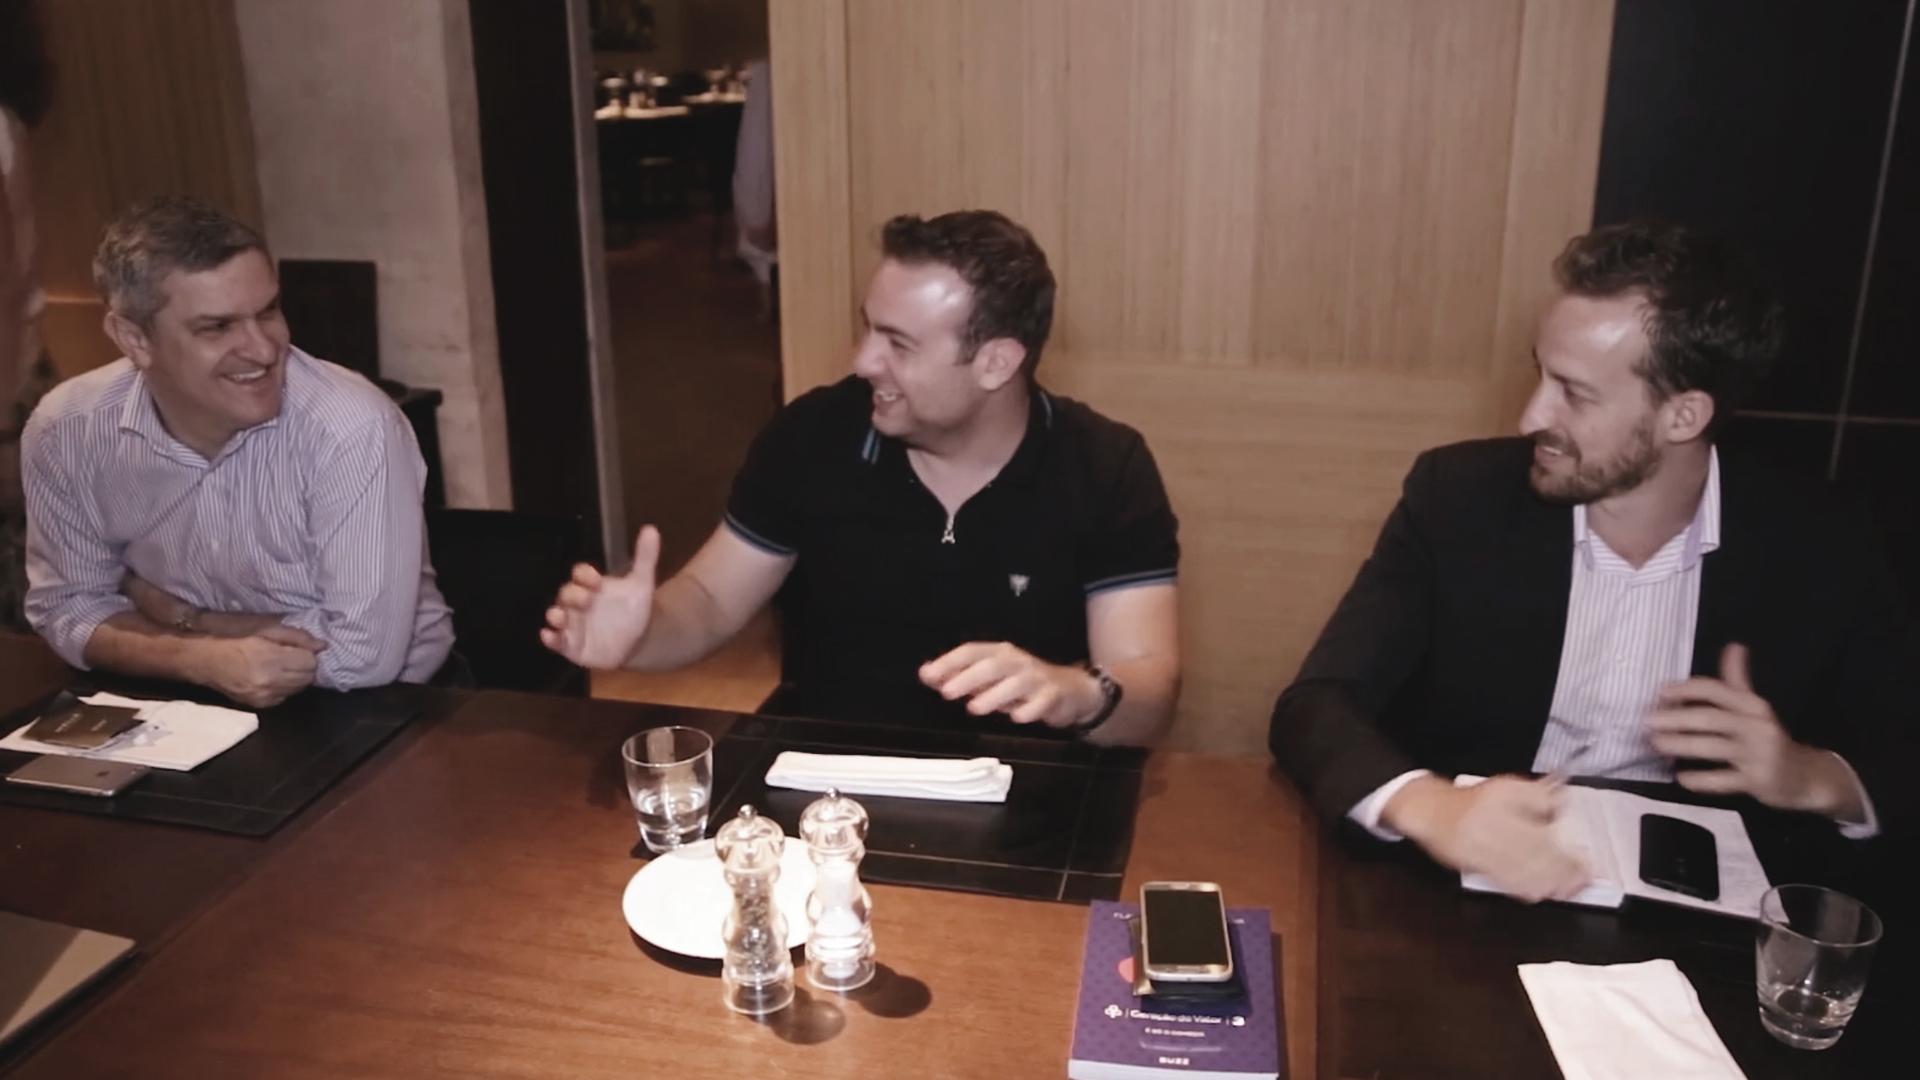 Fernando Procopiak reunindo-se com outros alunos do meuSucesso.com em mentoria e jantar com Flávio Augusto